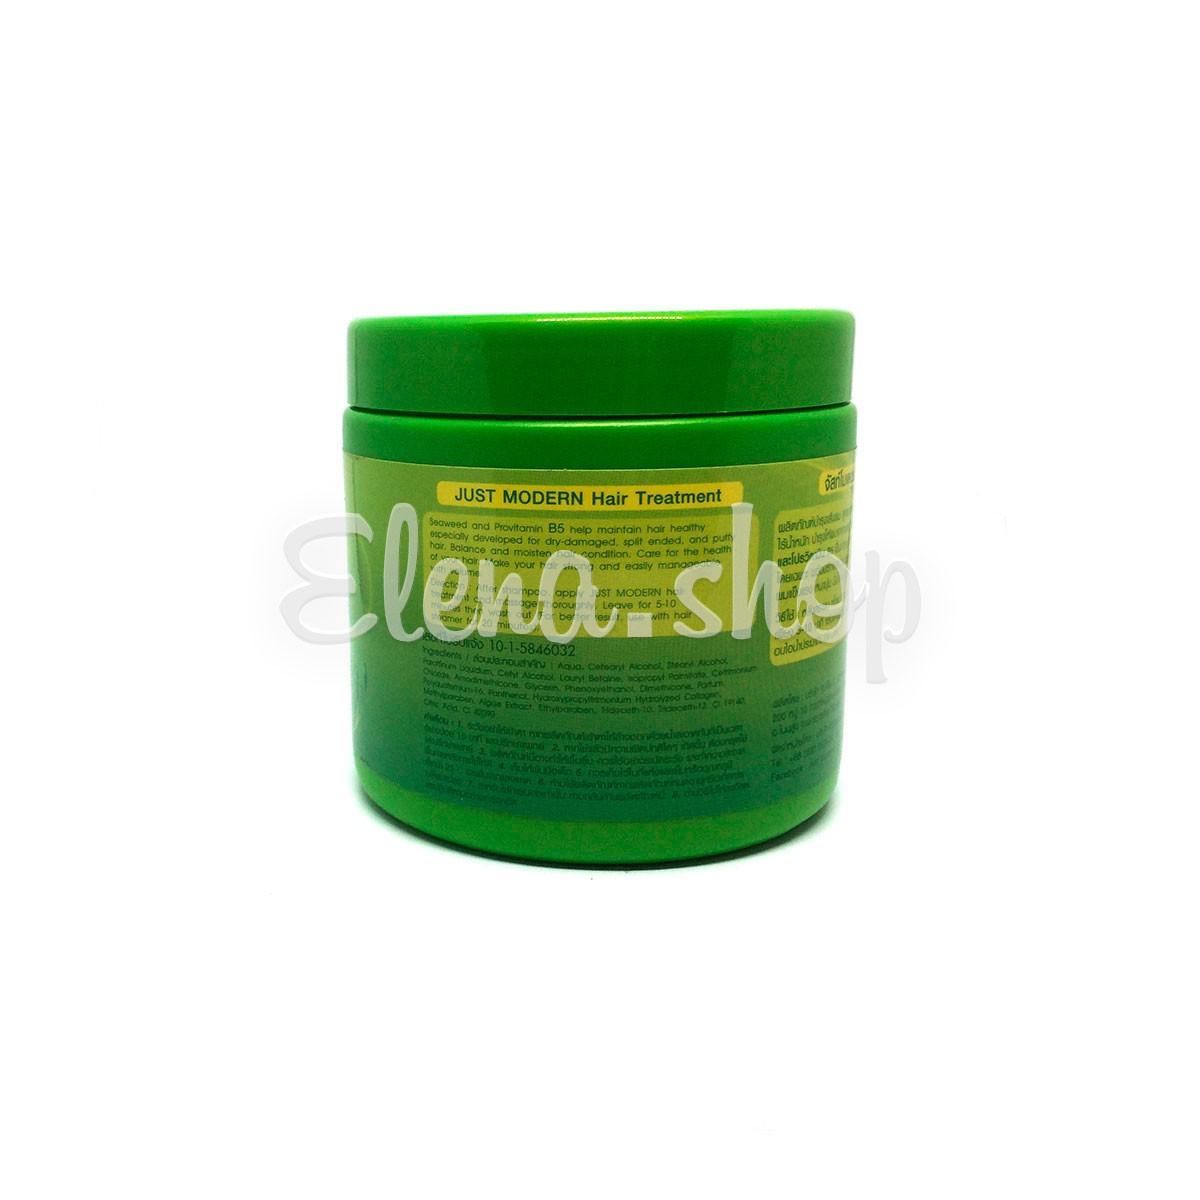 Лечебная маска для поврежденных волос с морскими водорослями Just Modern